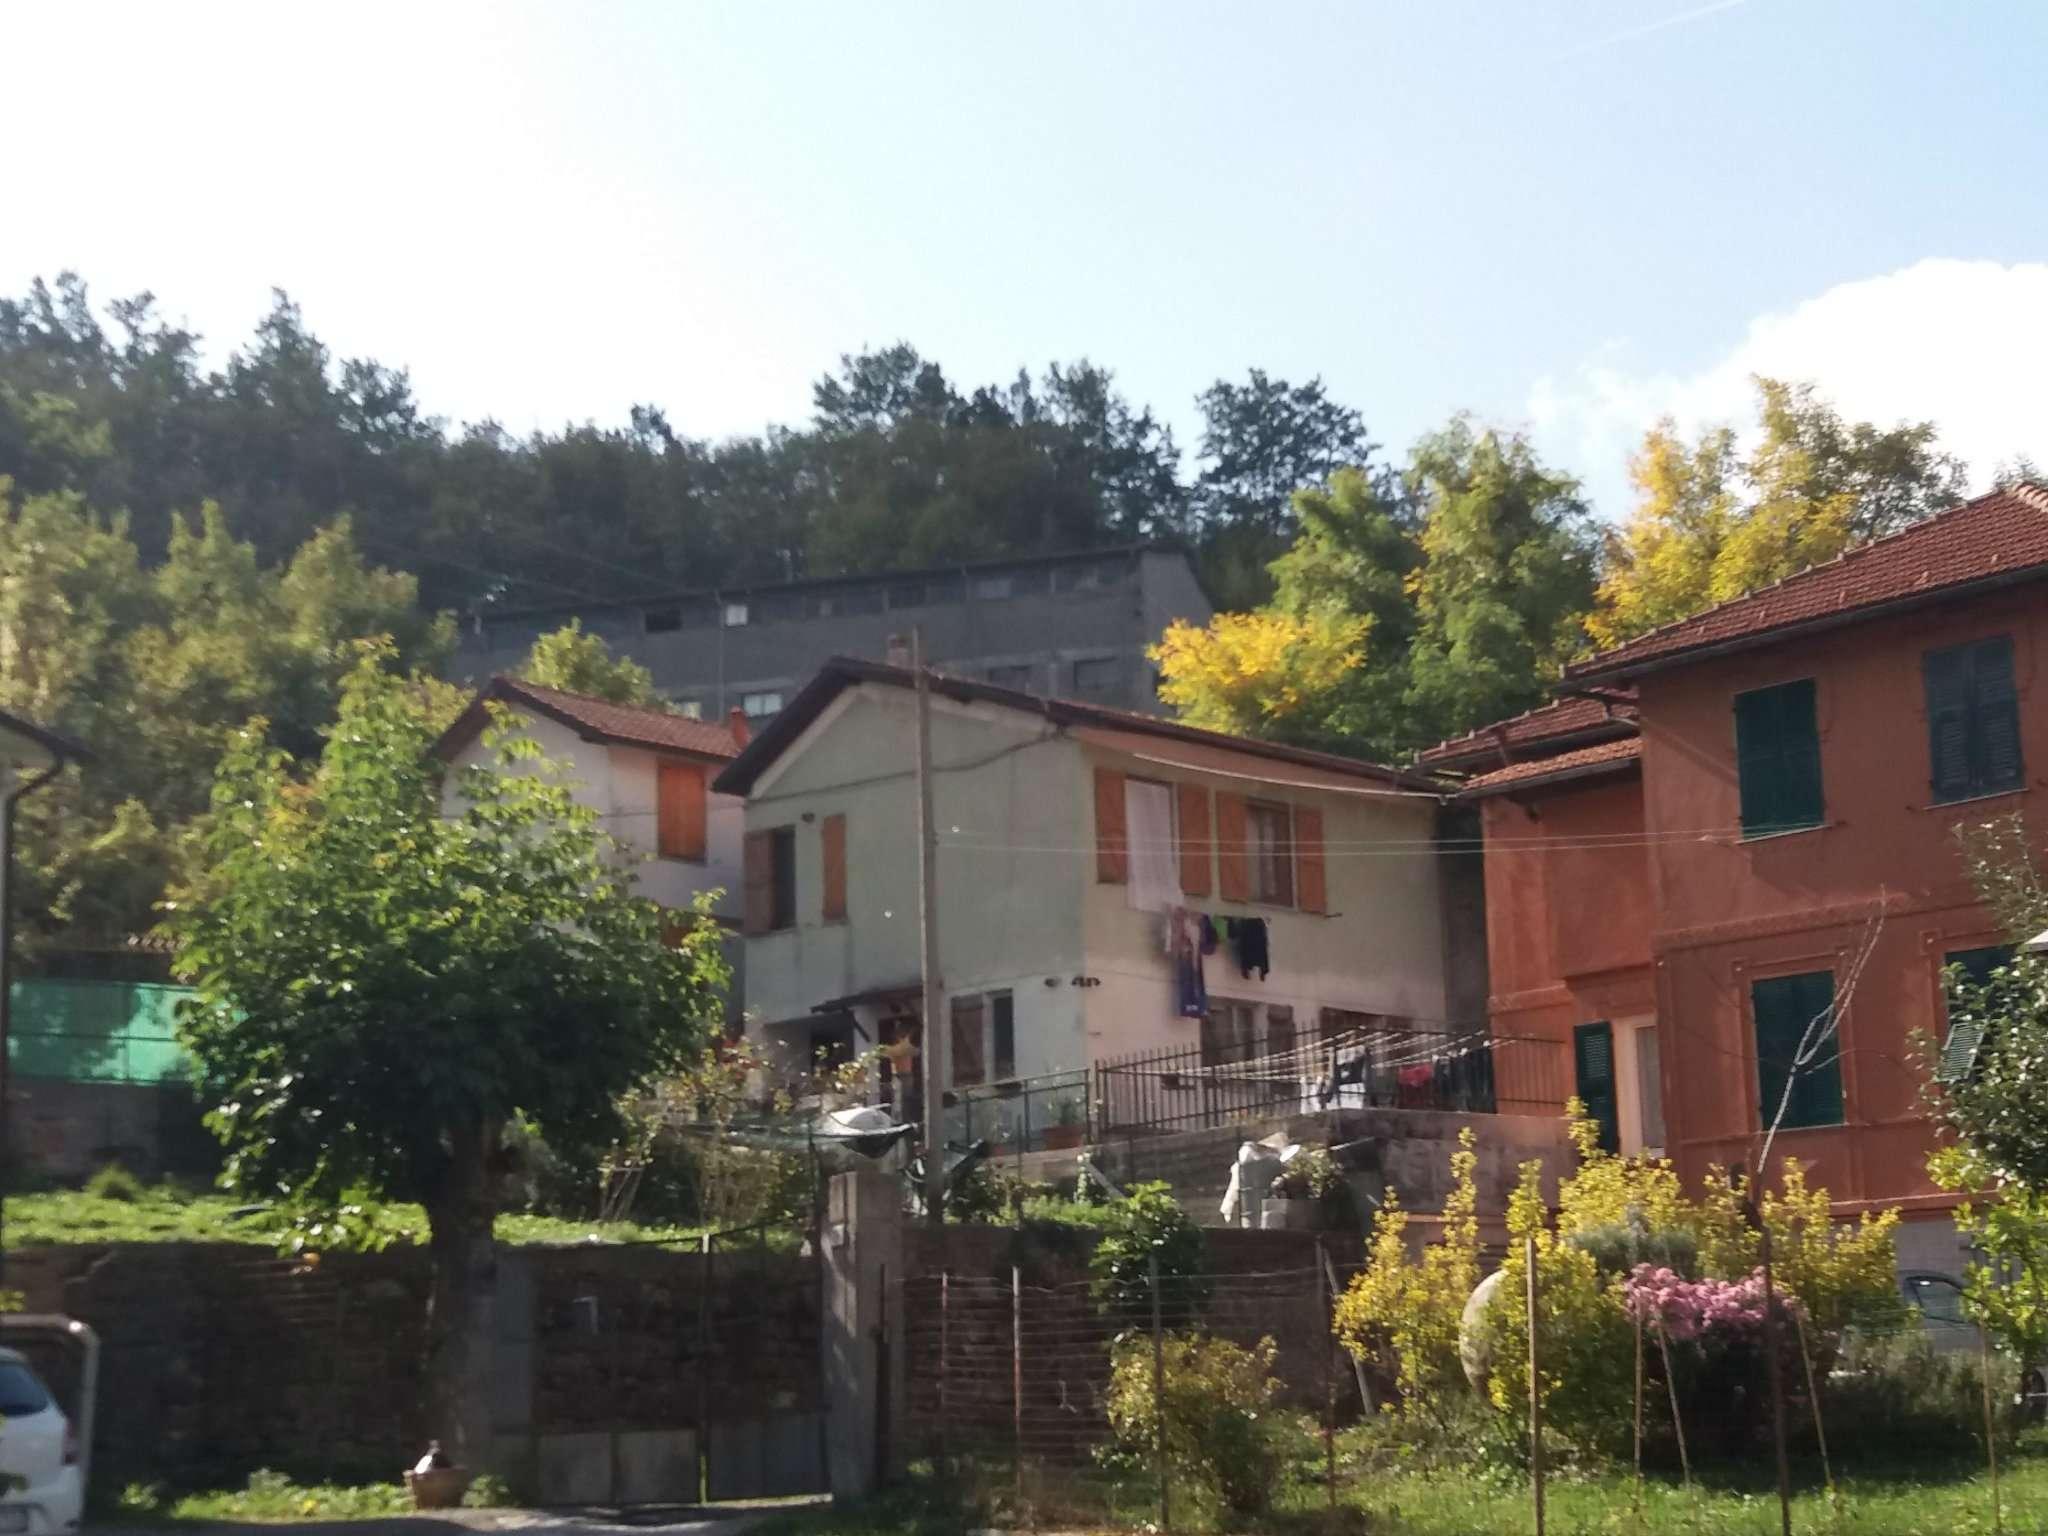 Soluzione Indipendente in vendita a Casella, 6 locali, prezzo € 155.000 | CambioCasa.it